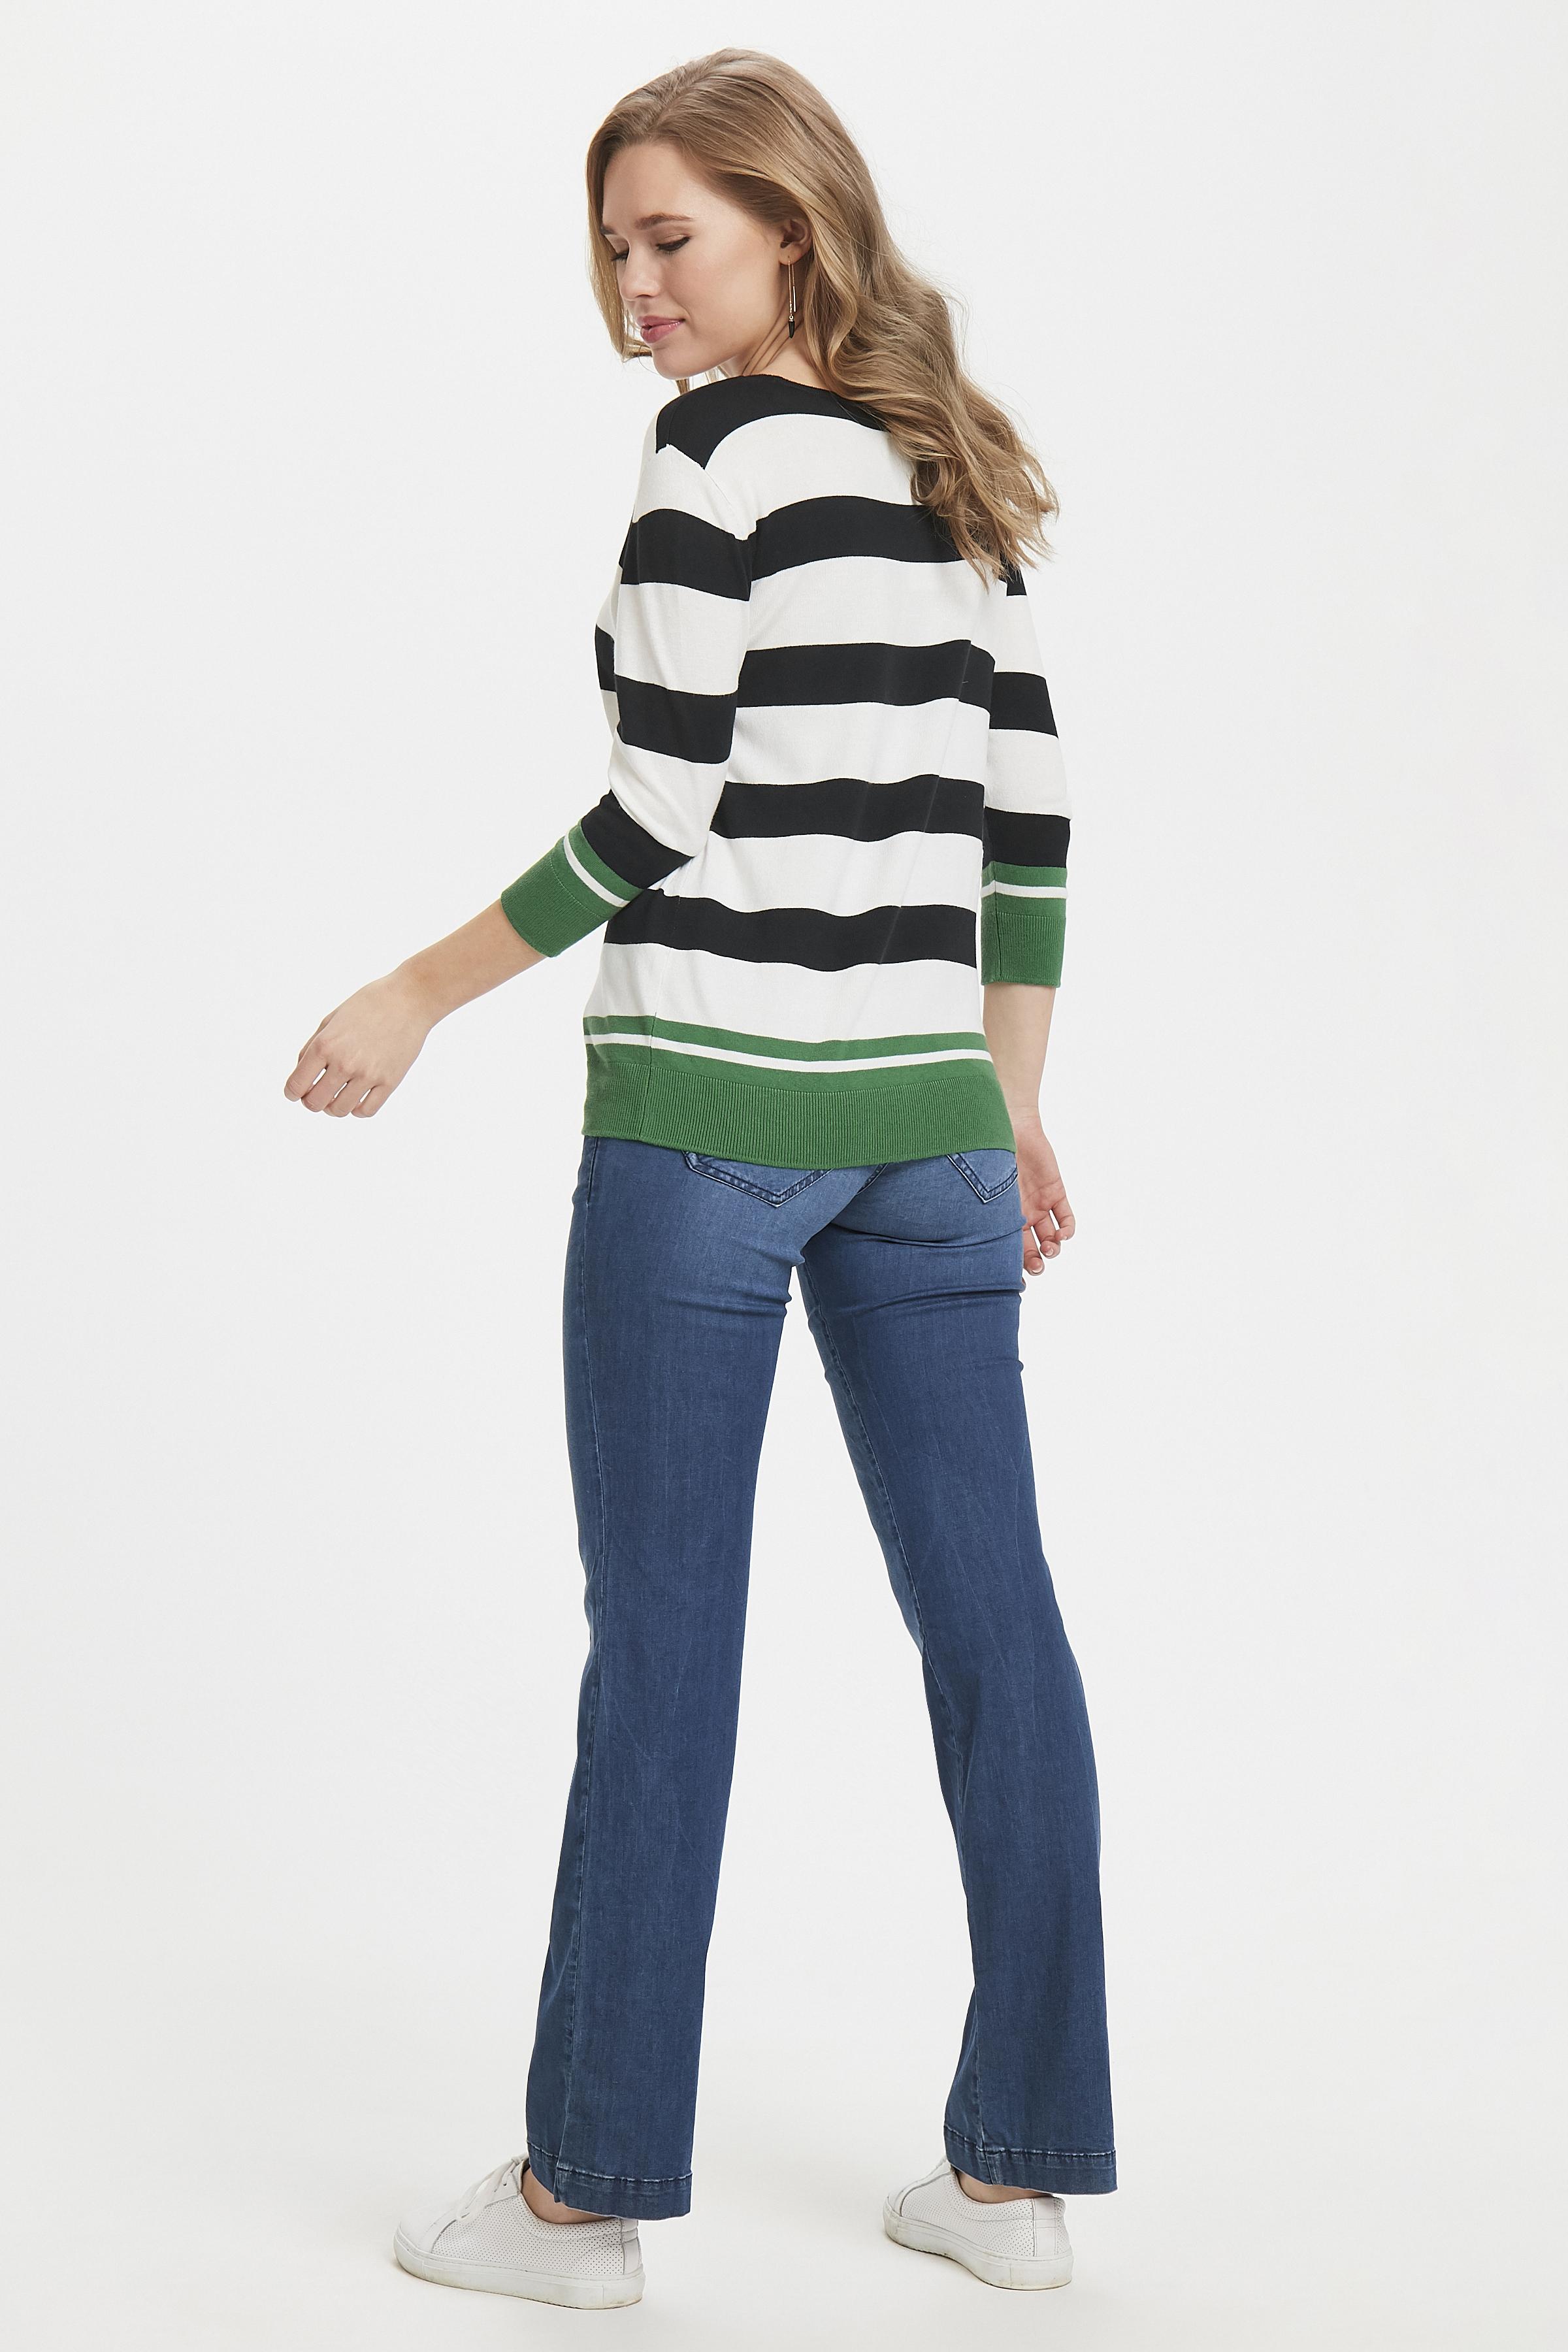 Weiß/grün Strickpullover von Fransa – Shoppen Sie Weiß/grün Strickpullover ab Gr. XS-XXL hier